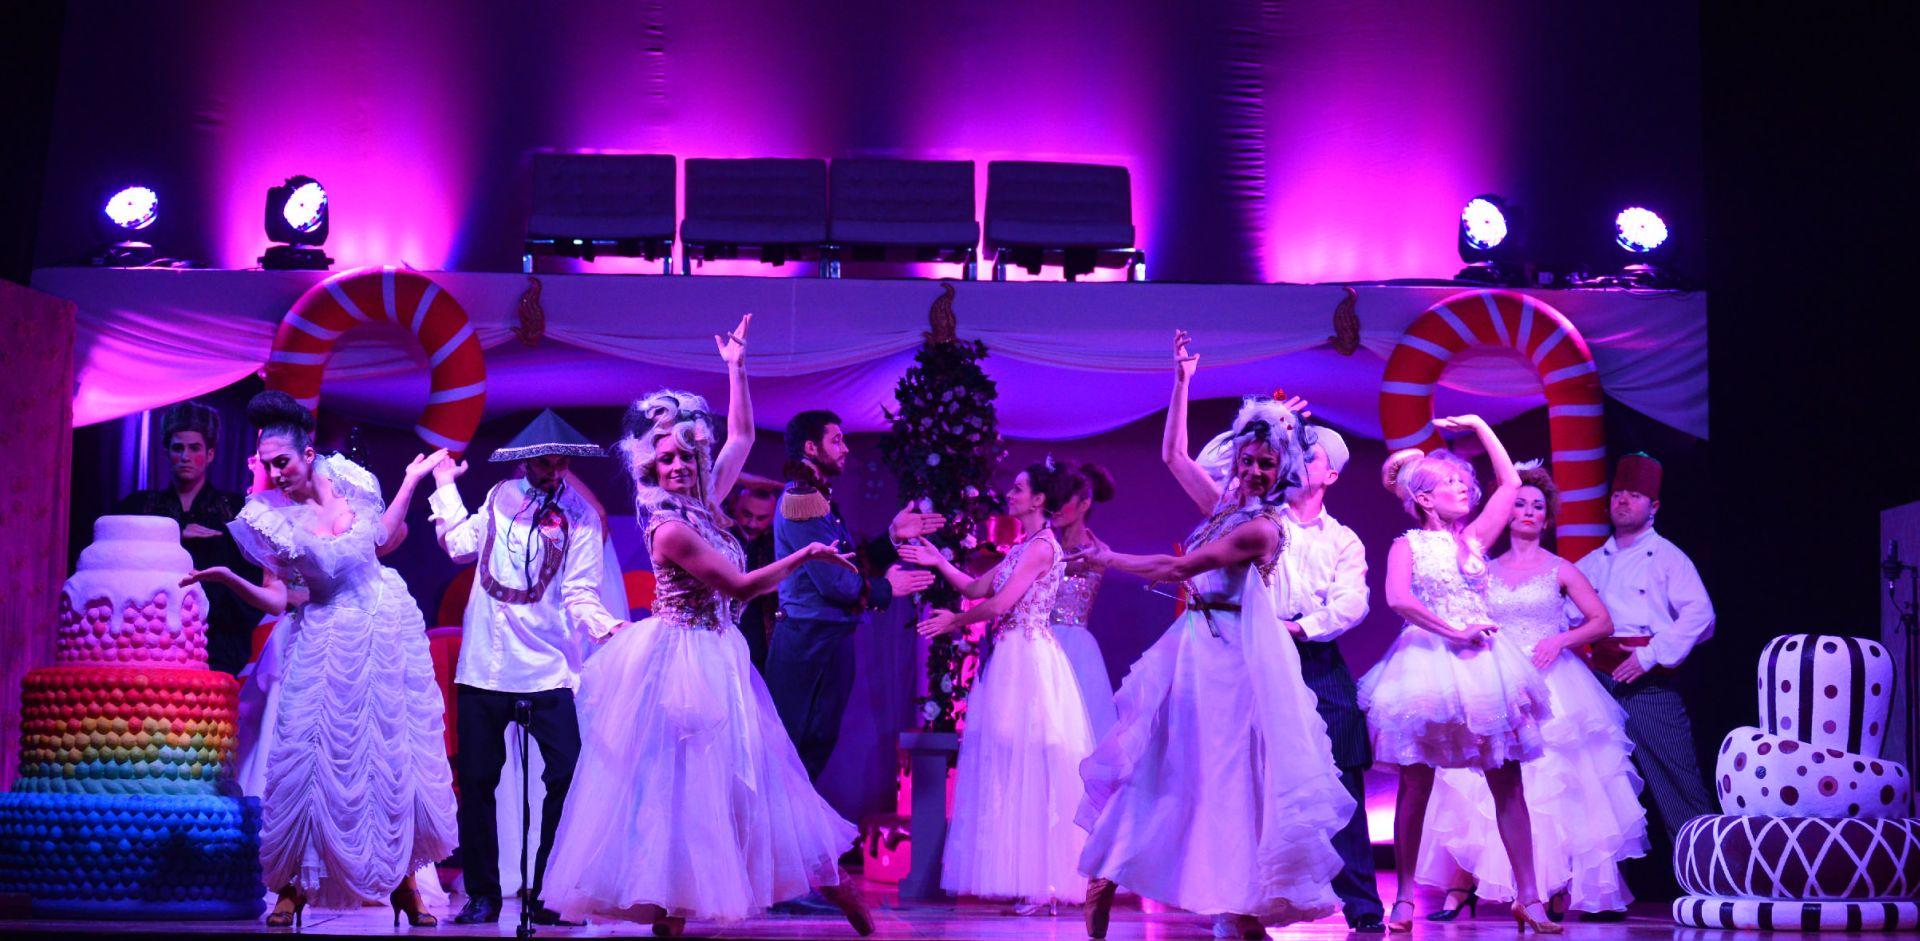 ORAŠAR U LISINSKOM Spektakularni božićni mjuzikl s više od 30 izvođača na sceni